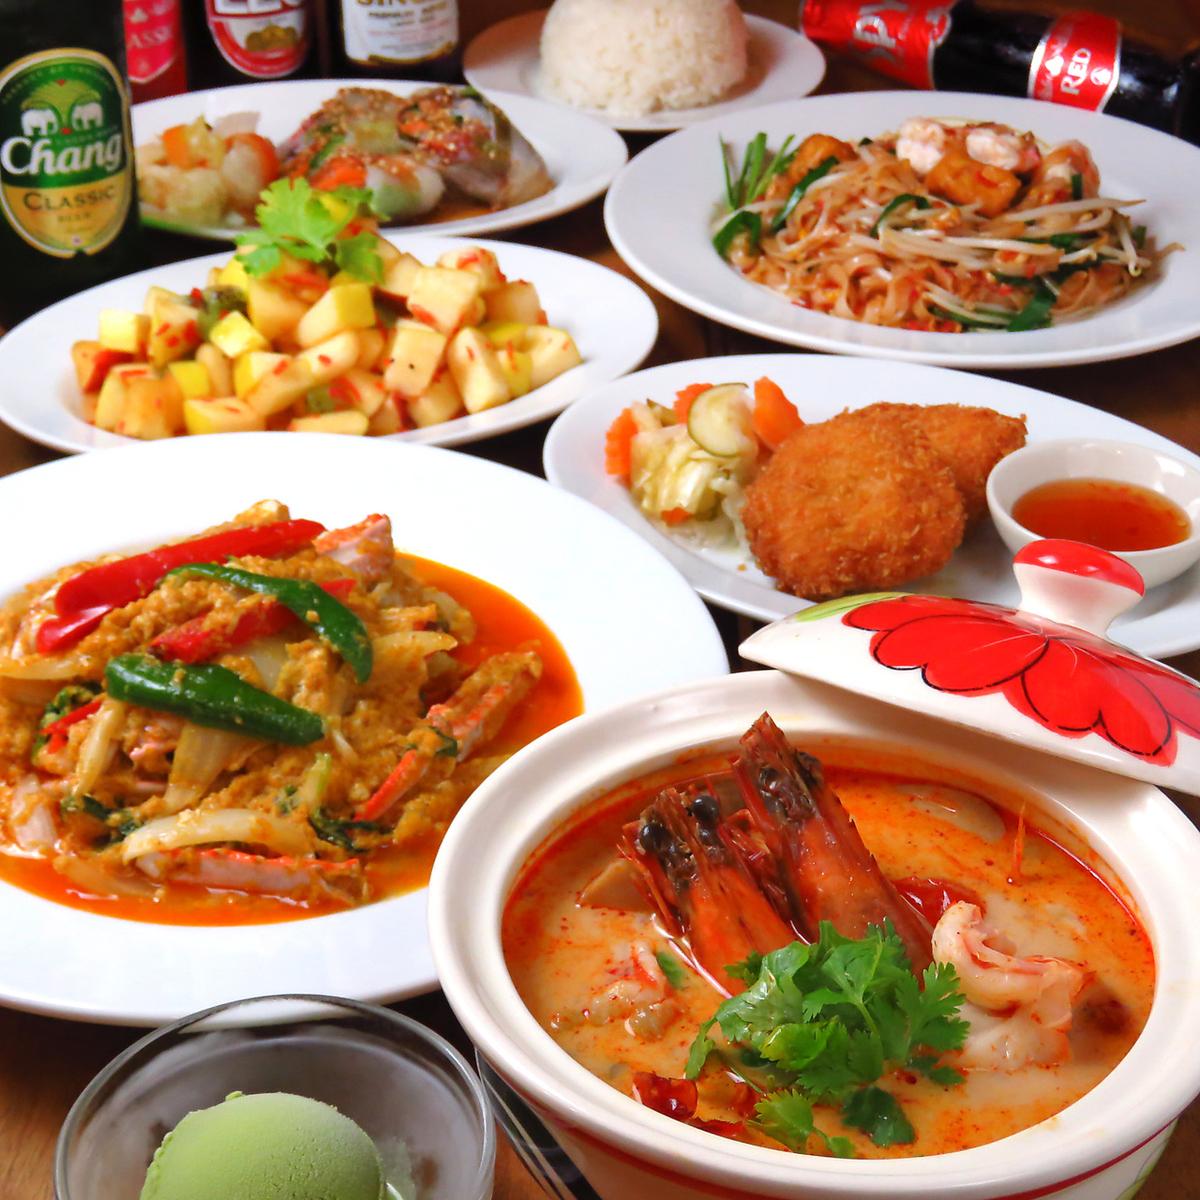 泰国菜是一种适合健康和美容的功能性菜肴?